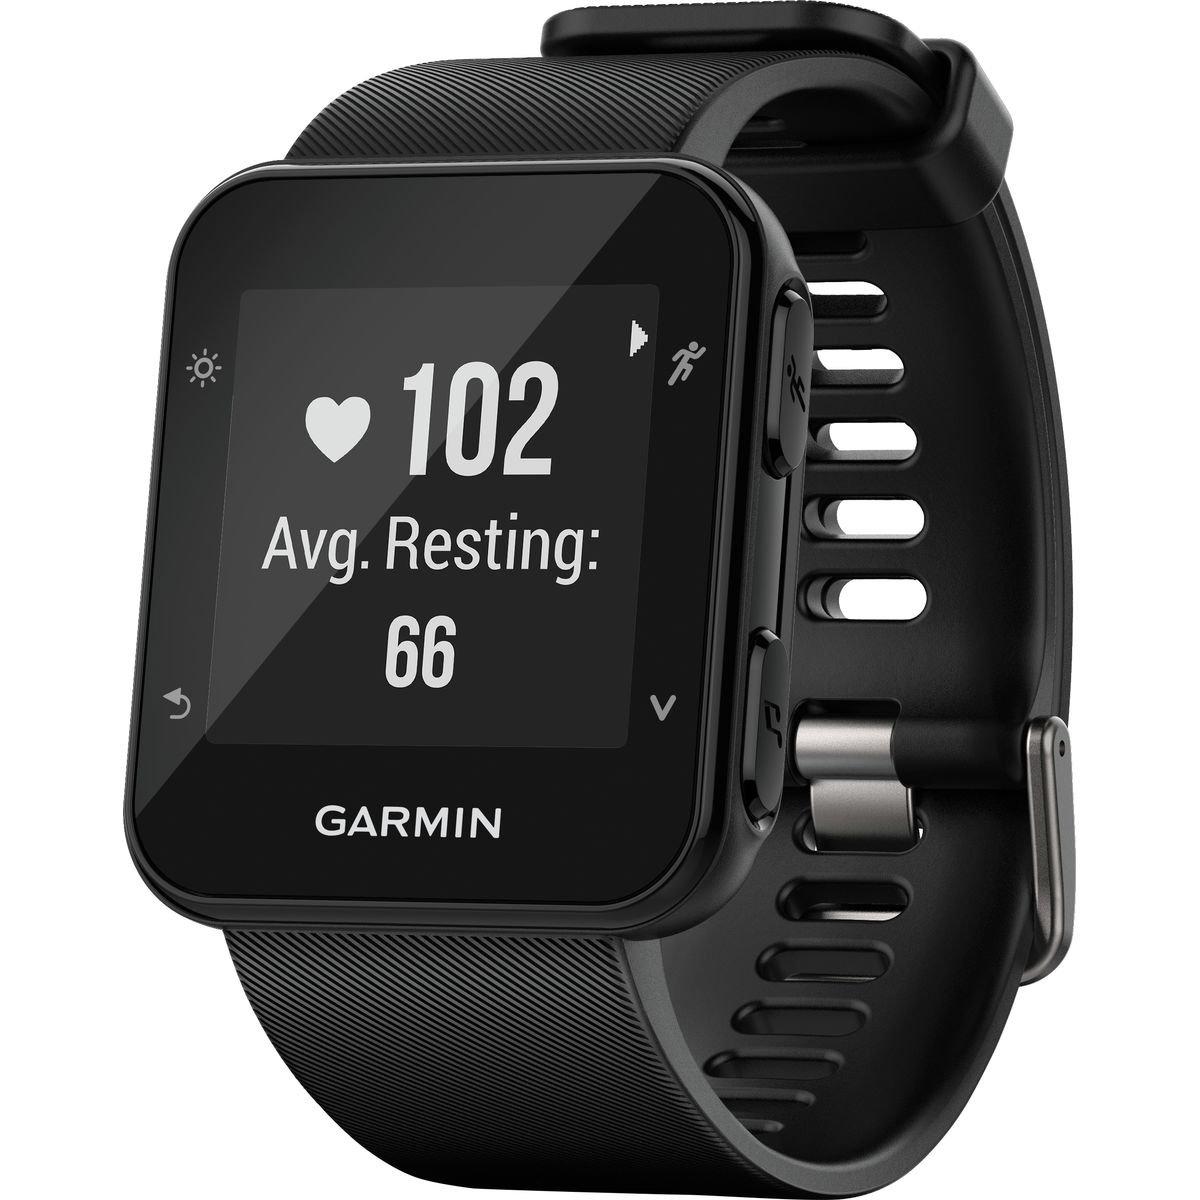 Garmin Forerunner 35 Watch, Black (Renewed) by Garmin